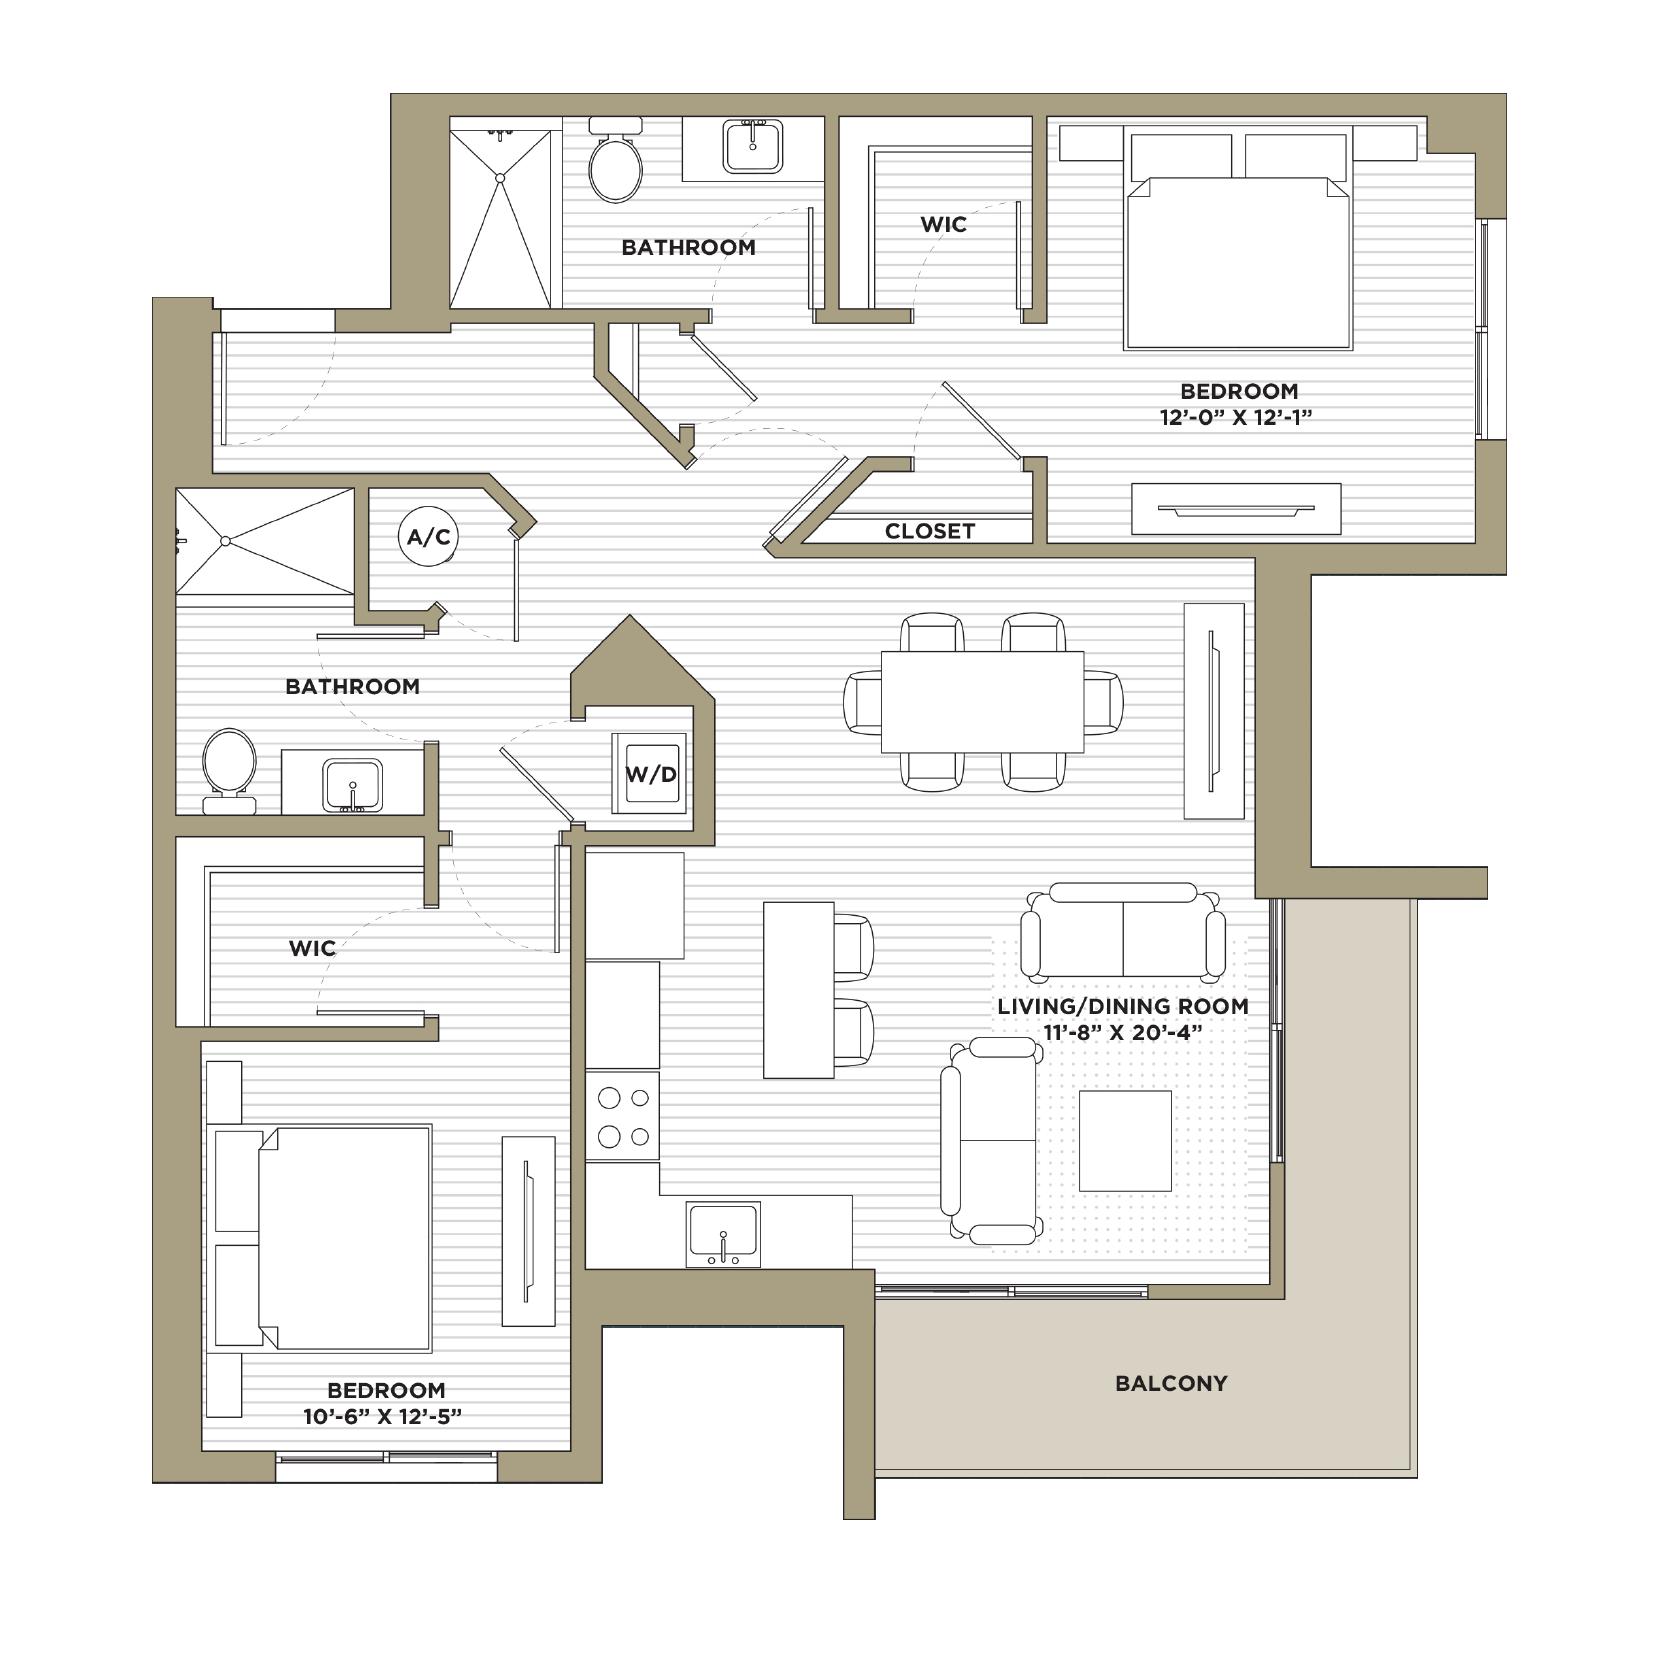 B1 - 2 Bedroom / 2 Bathroom1,160 sq. ft.